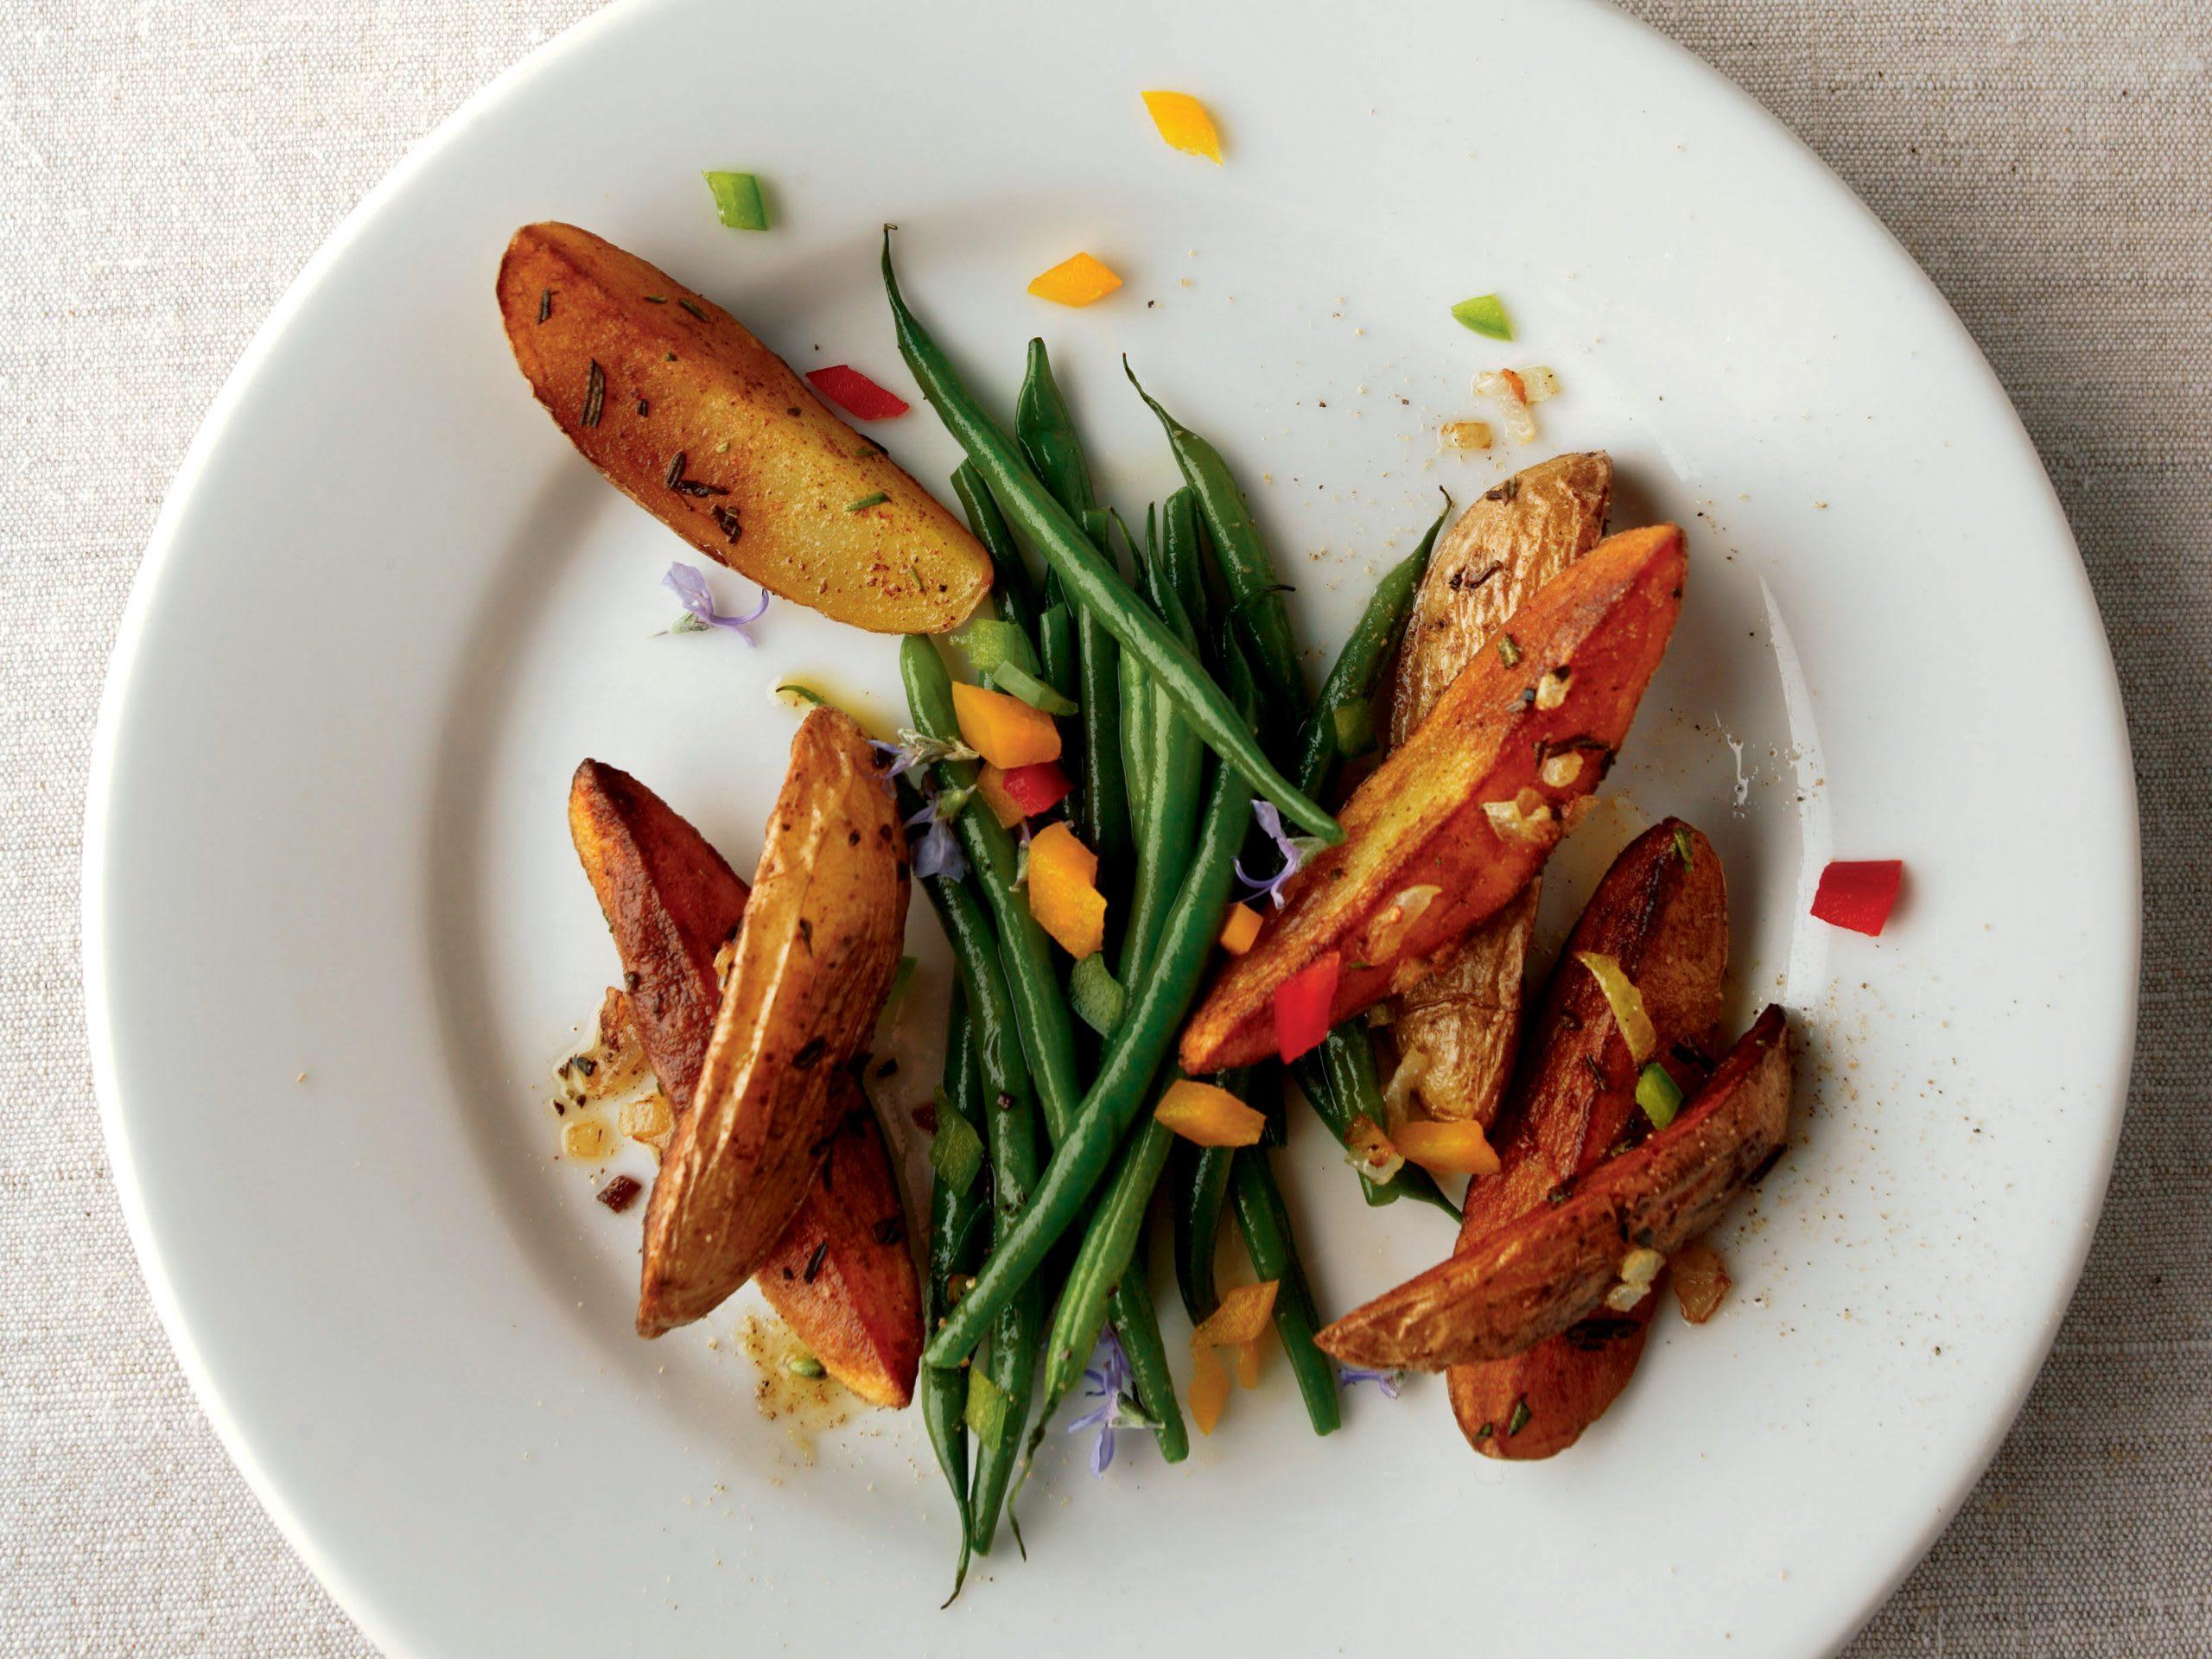 Paprika-Kartoffelwedges mit Bohnen und saurem Halbrahm